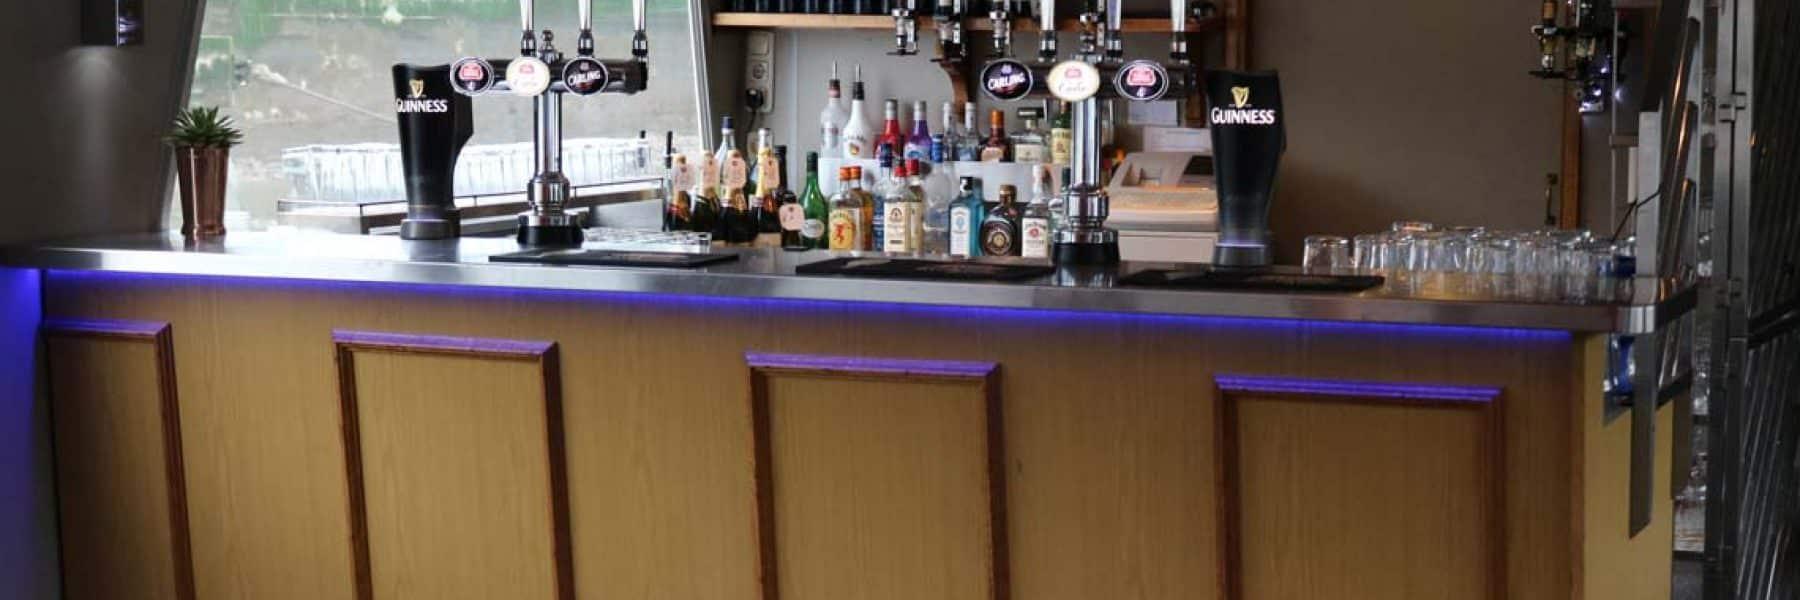 M.V Avontuur IV, Fully Licensed Bar | New Year's Eve